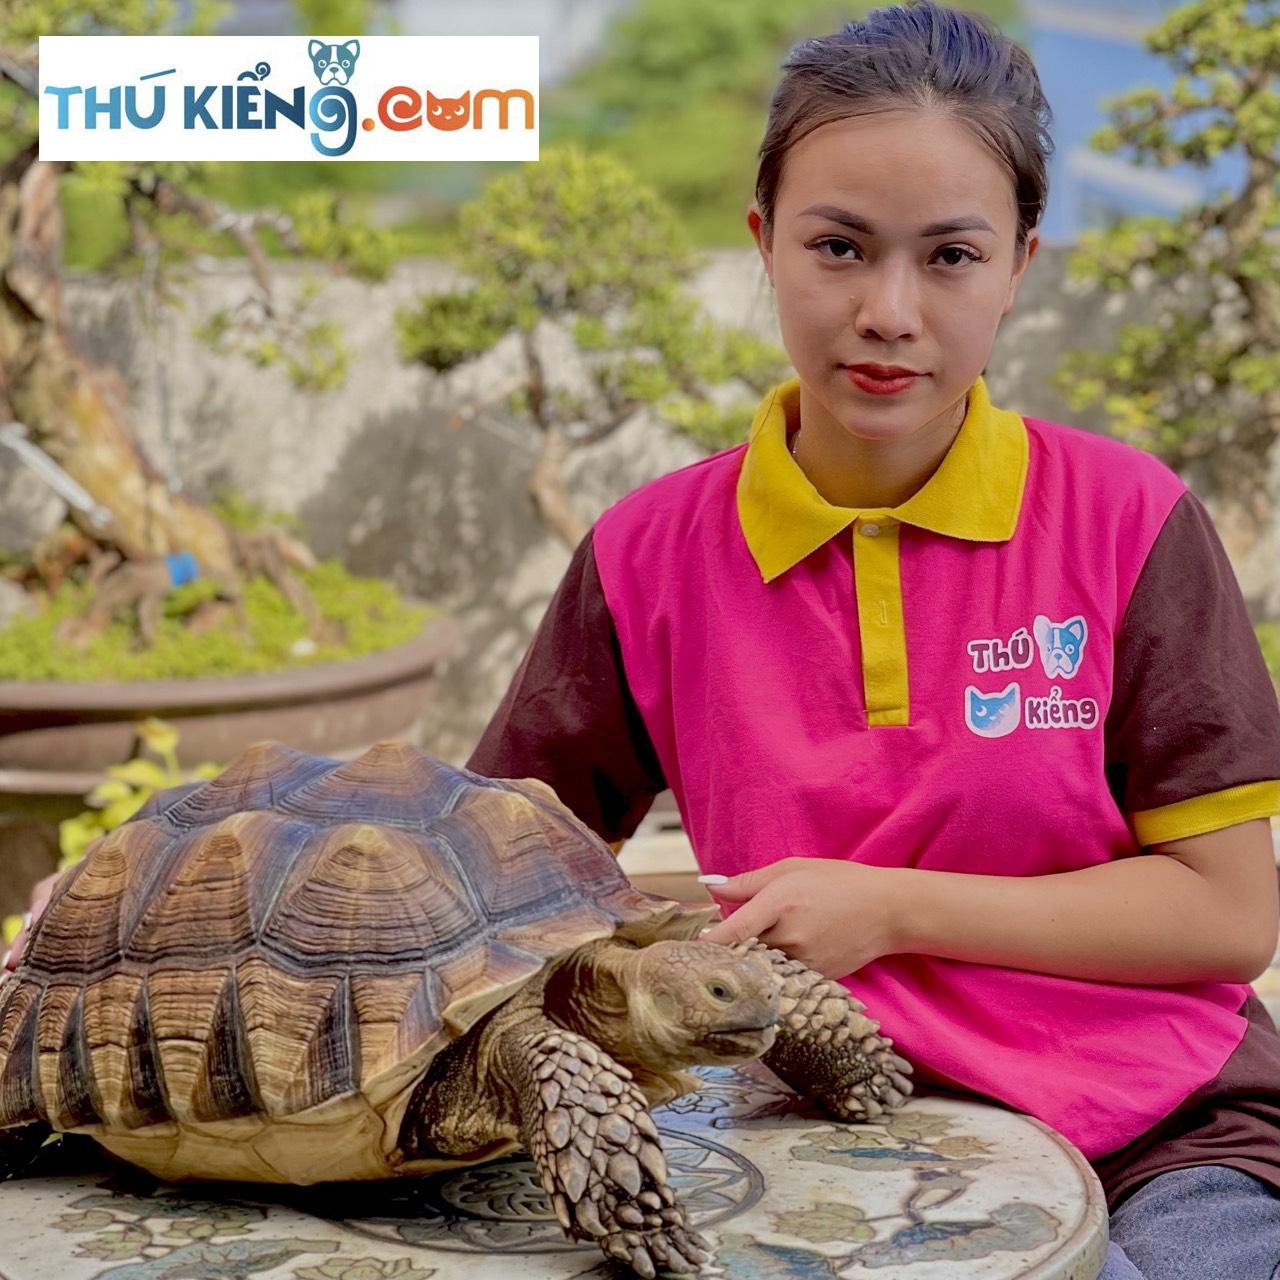 Chiêm ngưỡng vẻ đẹp rùa Sulcata